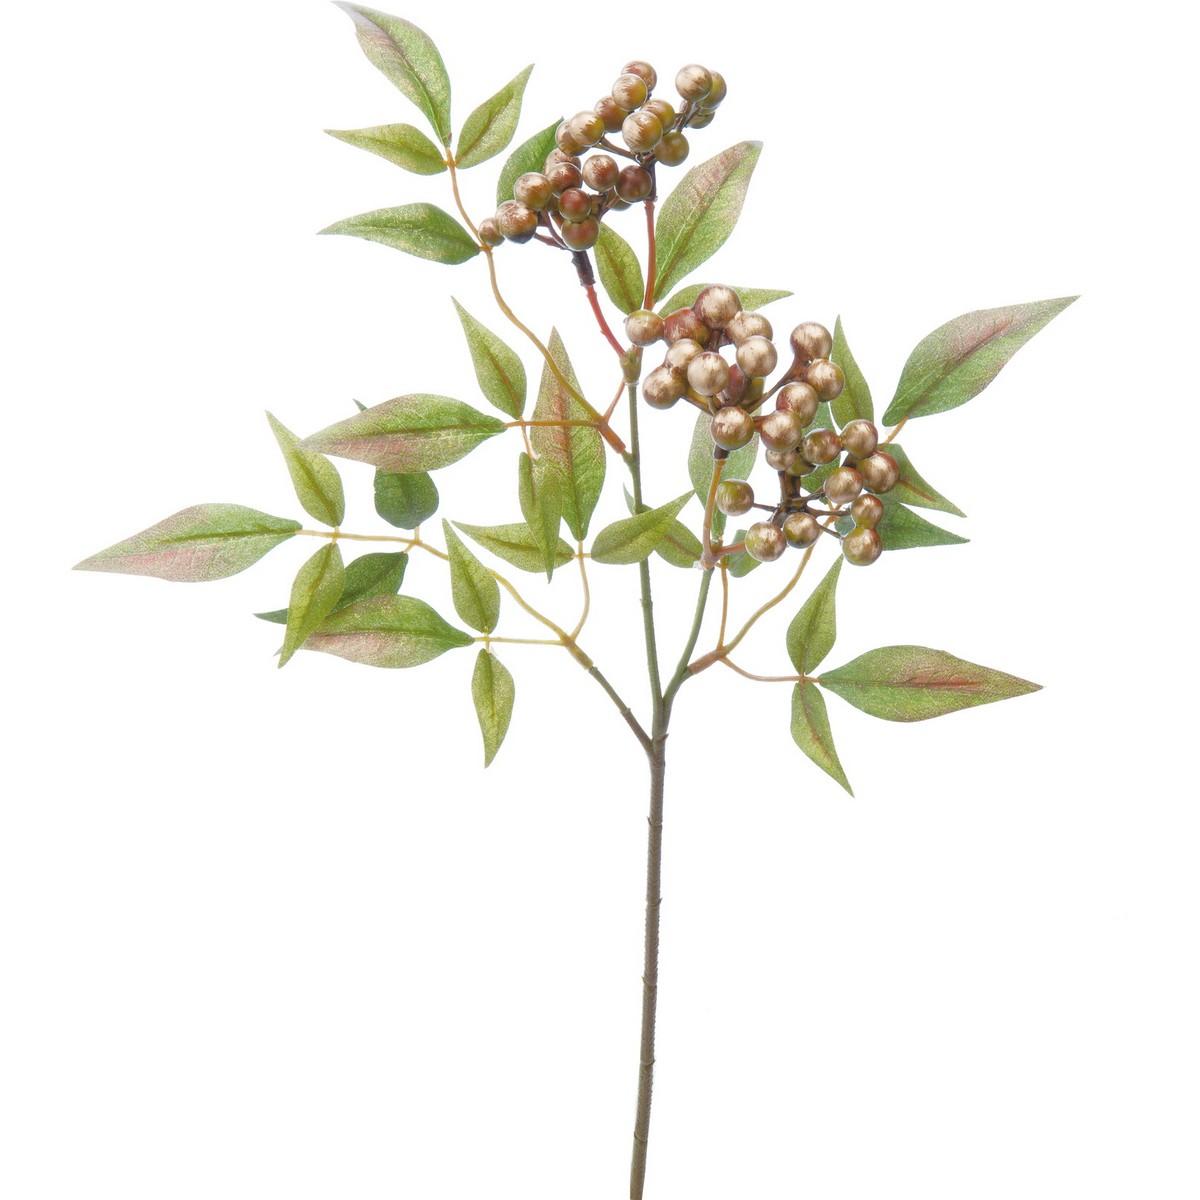 【造花】YDM/ブラッシュ南天スプレー グリーン/FS-5254-GR【01】【取寄】《 造花(アーティフィシャルフラワー) 造花実物、フェイクフルーツ ナンテン 》